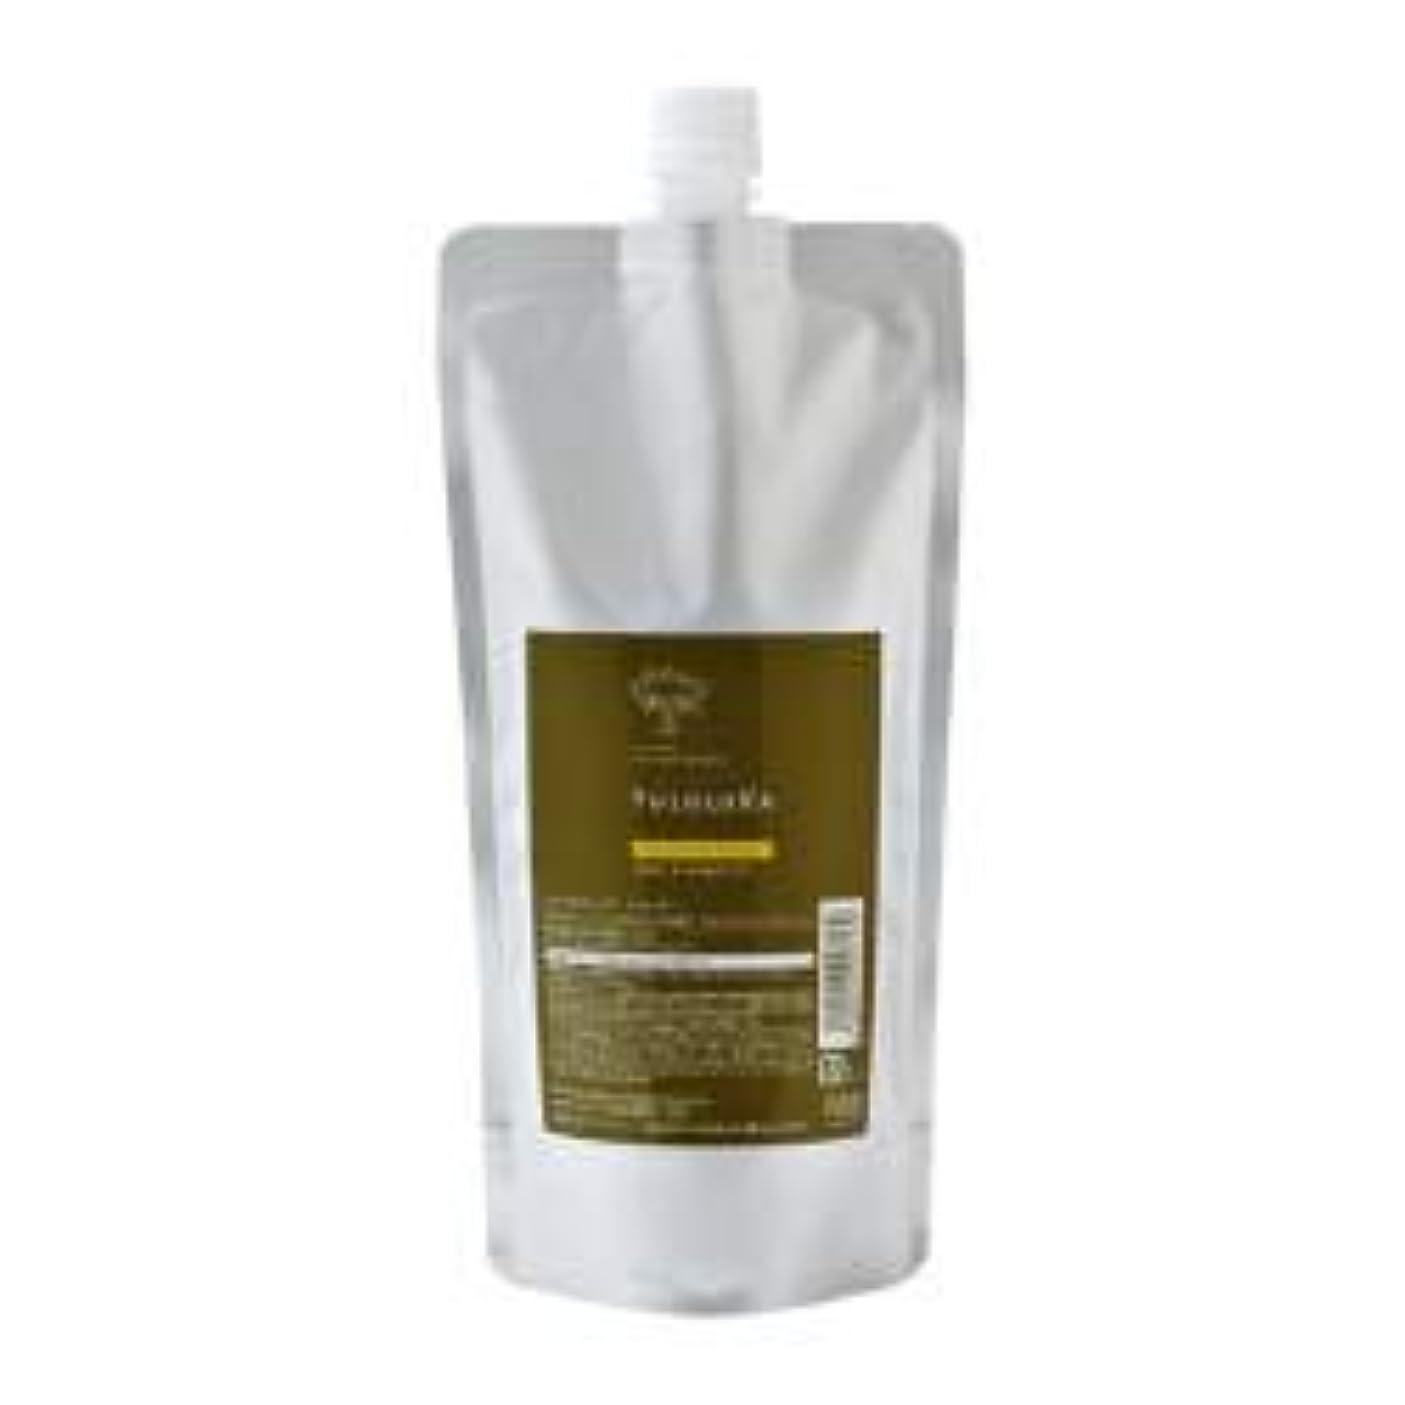 保全すり減るラジウムユルルカ シトラスクレンズ シャンプー詰替用(500mL)